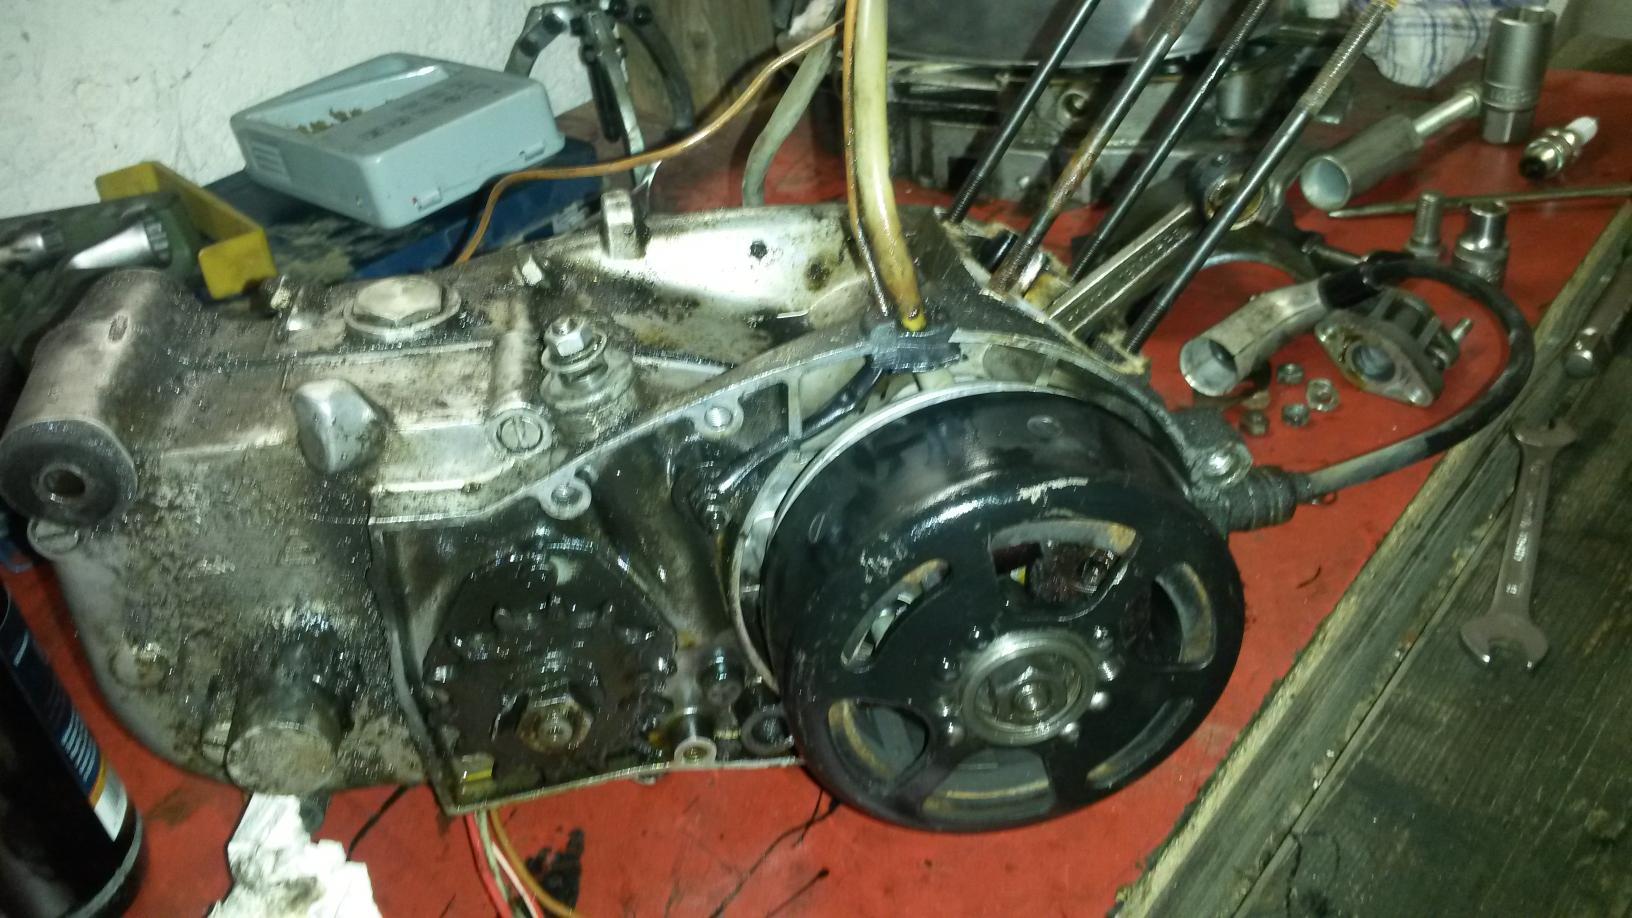 Motor ohne Kolben